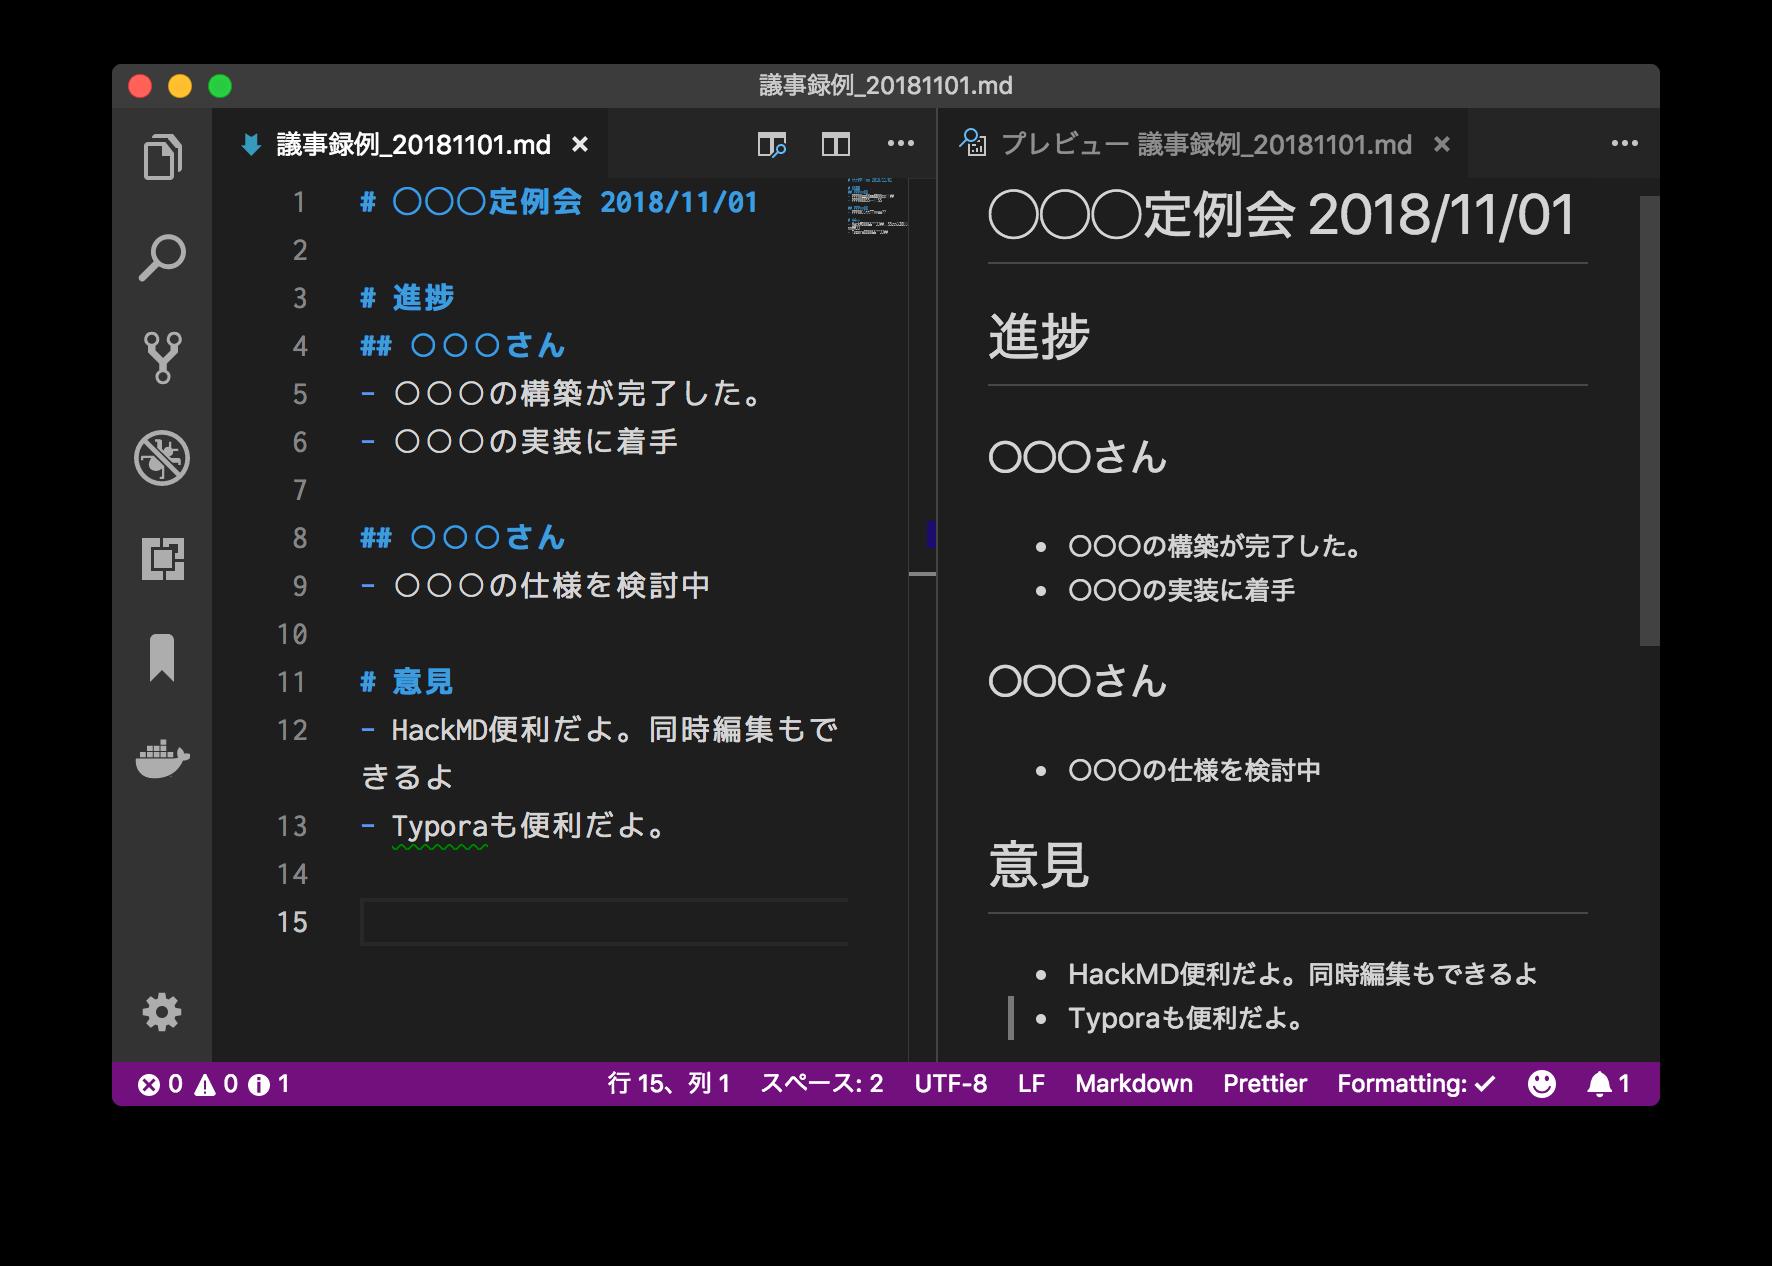 スクリーンショット 2018-11-01 14.11.32.png